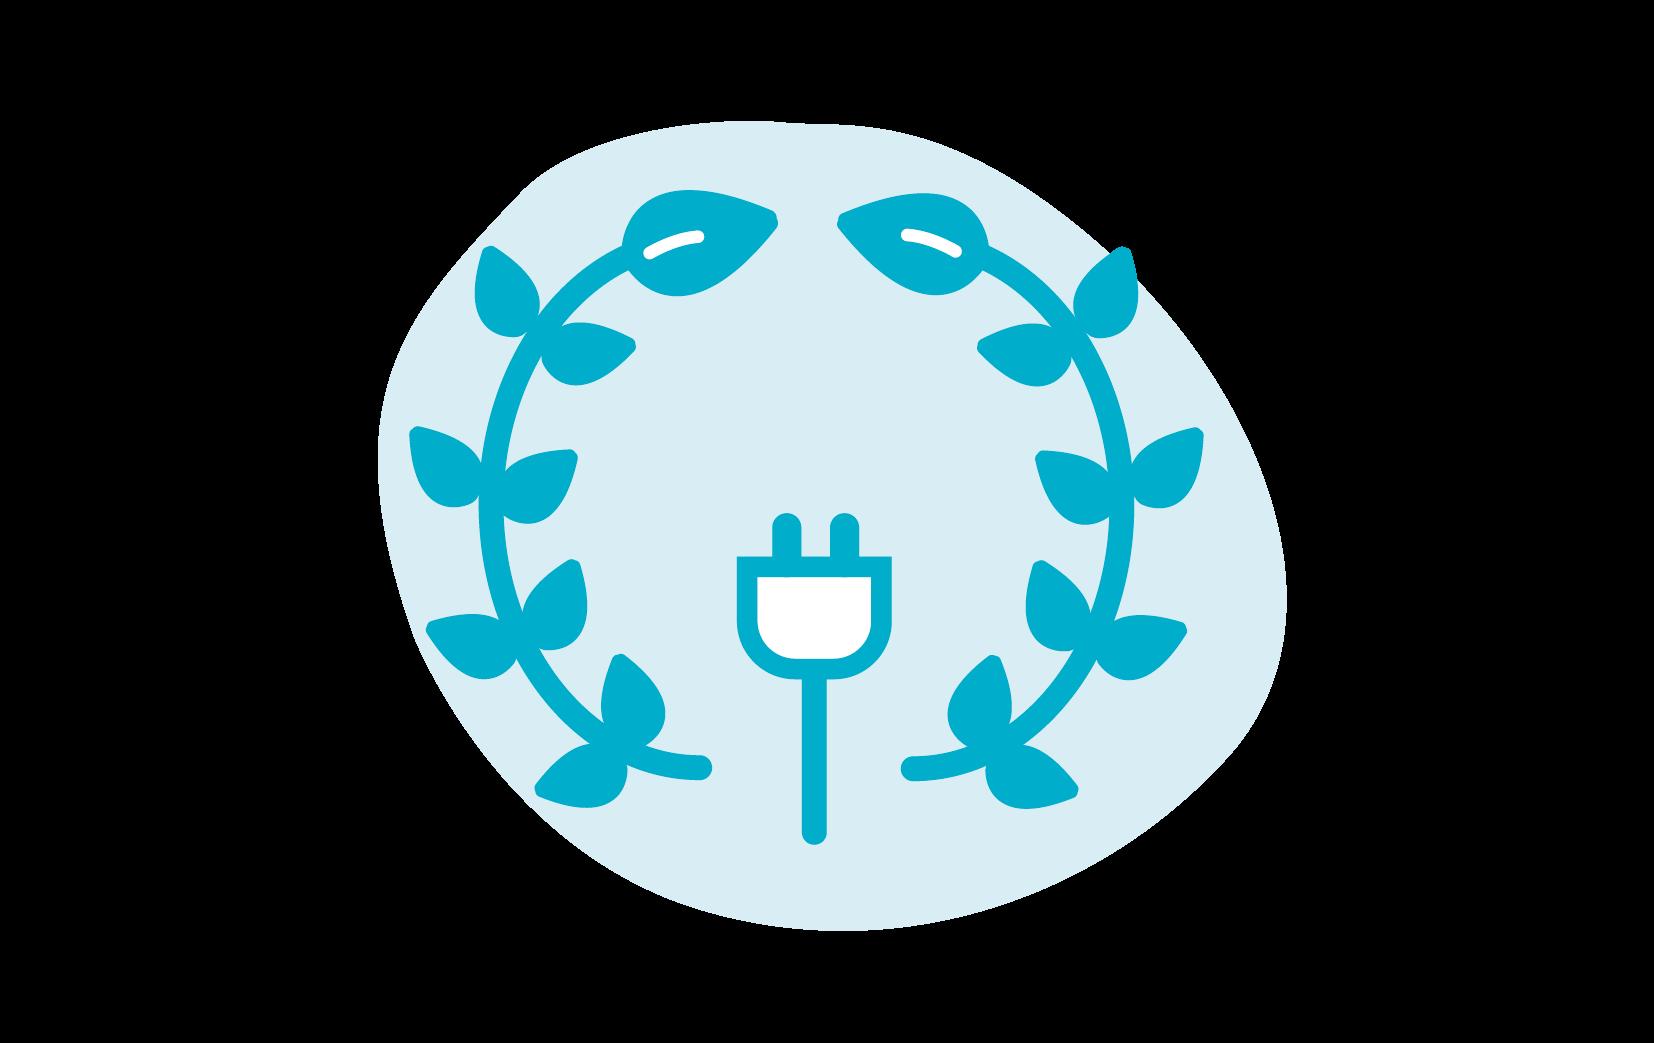 Icoon van een plug met een lauwerkrans